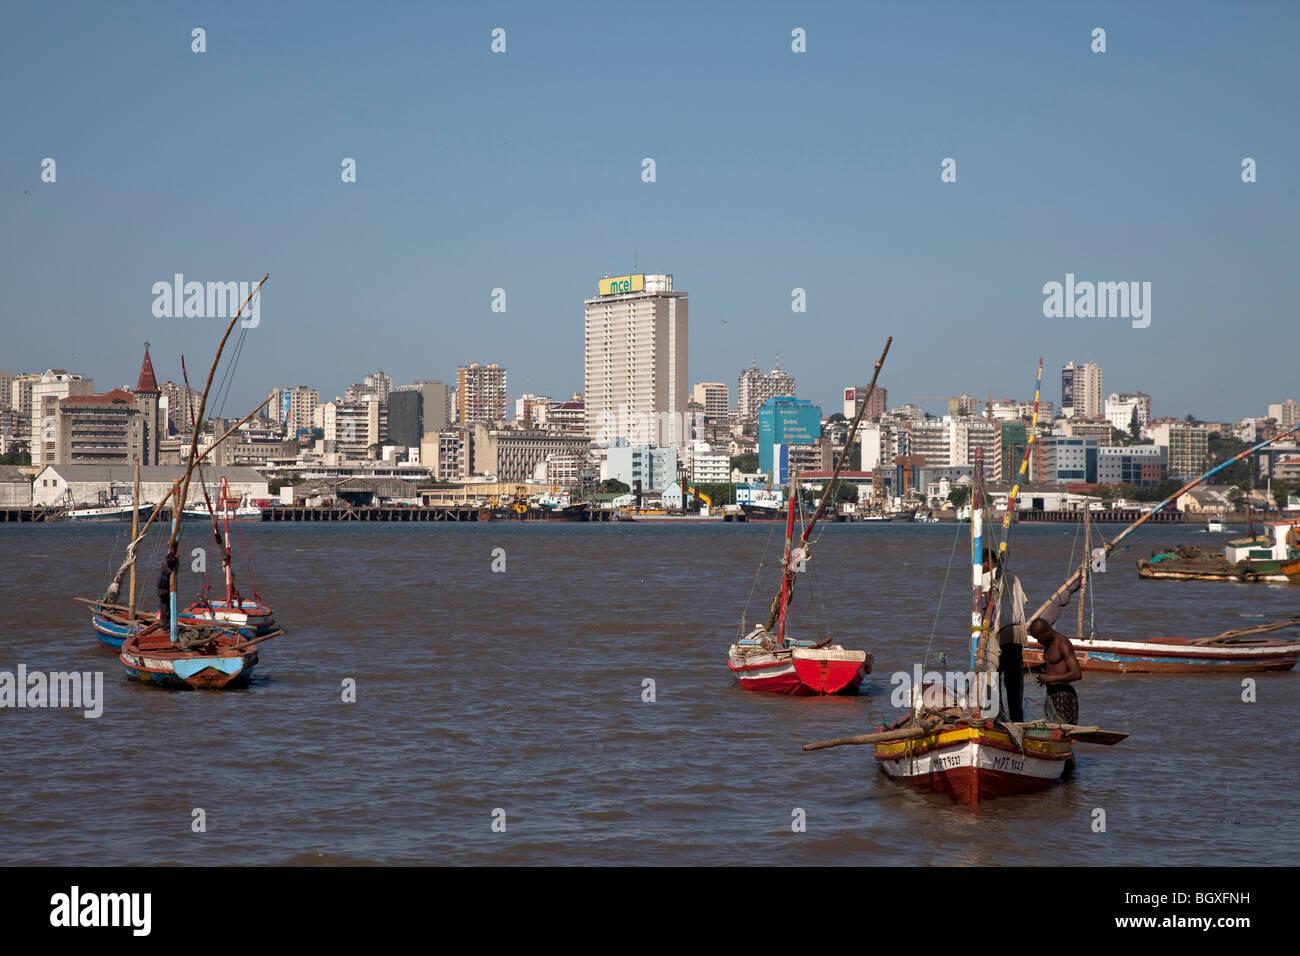 Bateaux de pêche de Catembe, Maputo, Mozambique Photo Stock